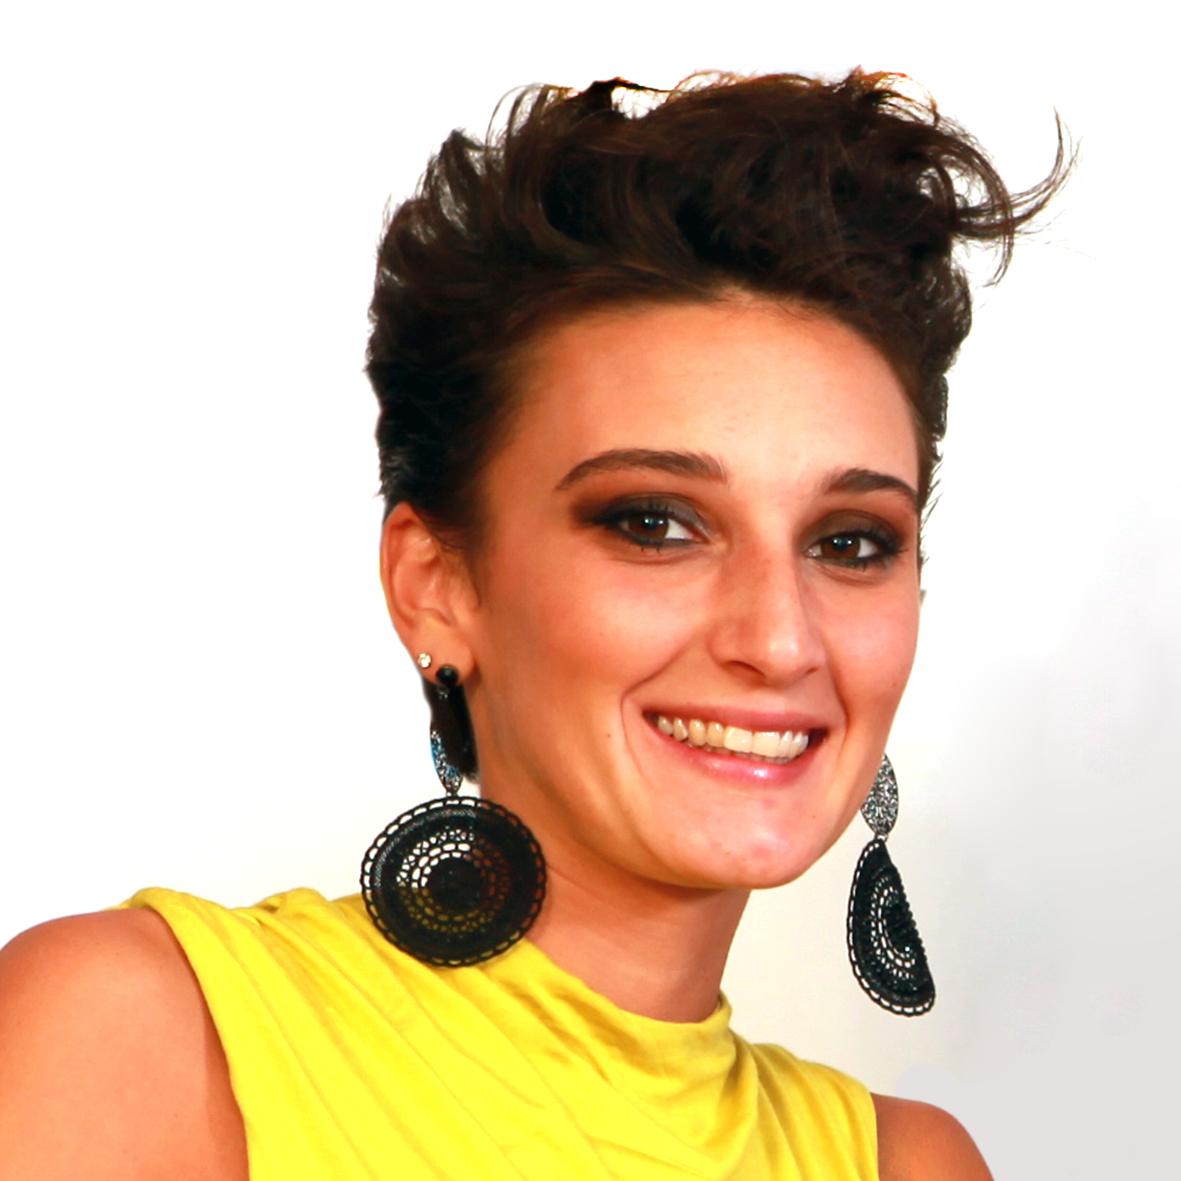 Rosa Vitiello